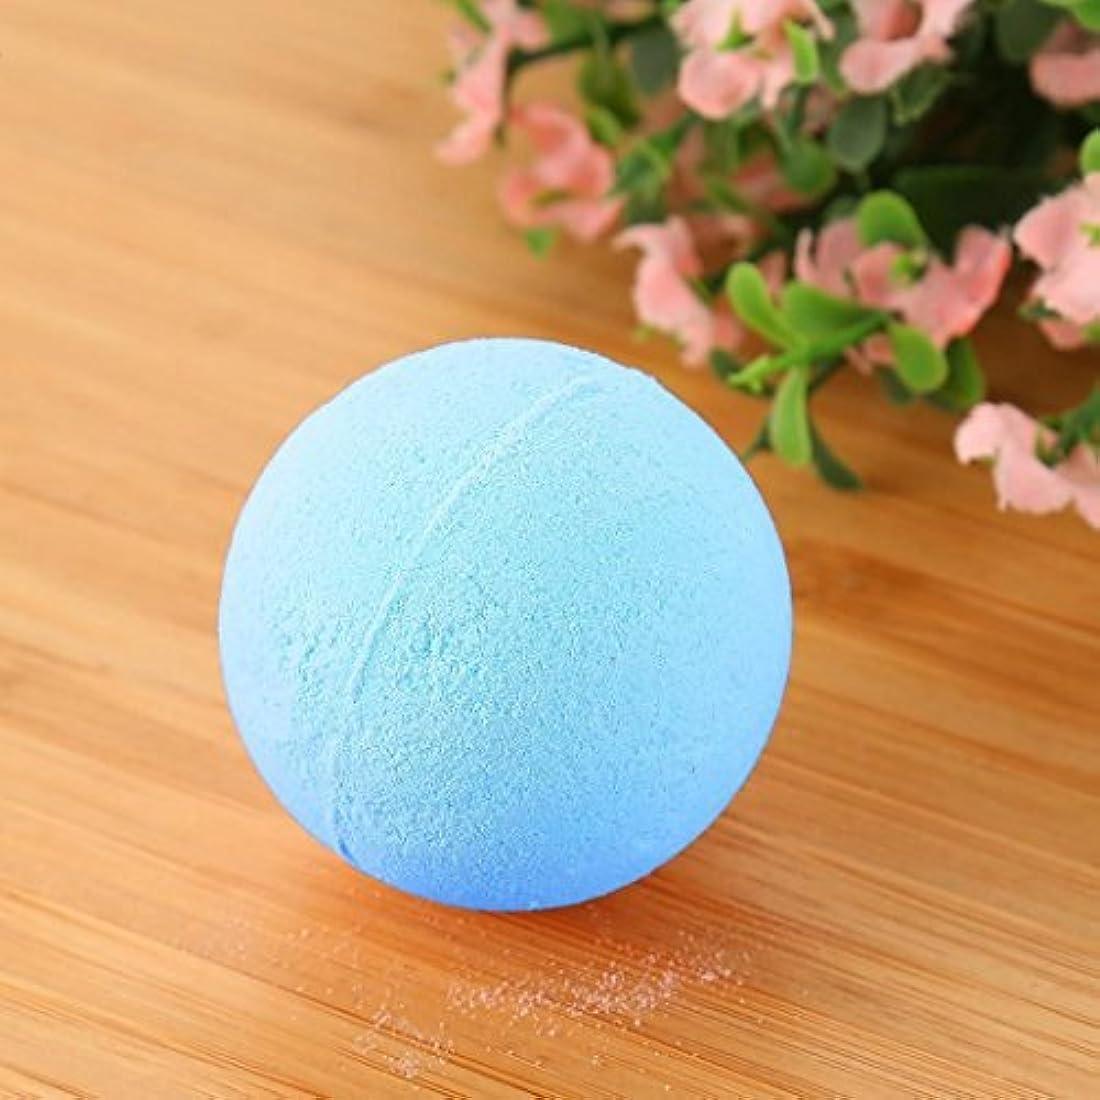 ミュート送料面バブル塩風呂の贈り物のためにボールをリラックスした女性の塩